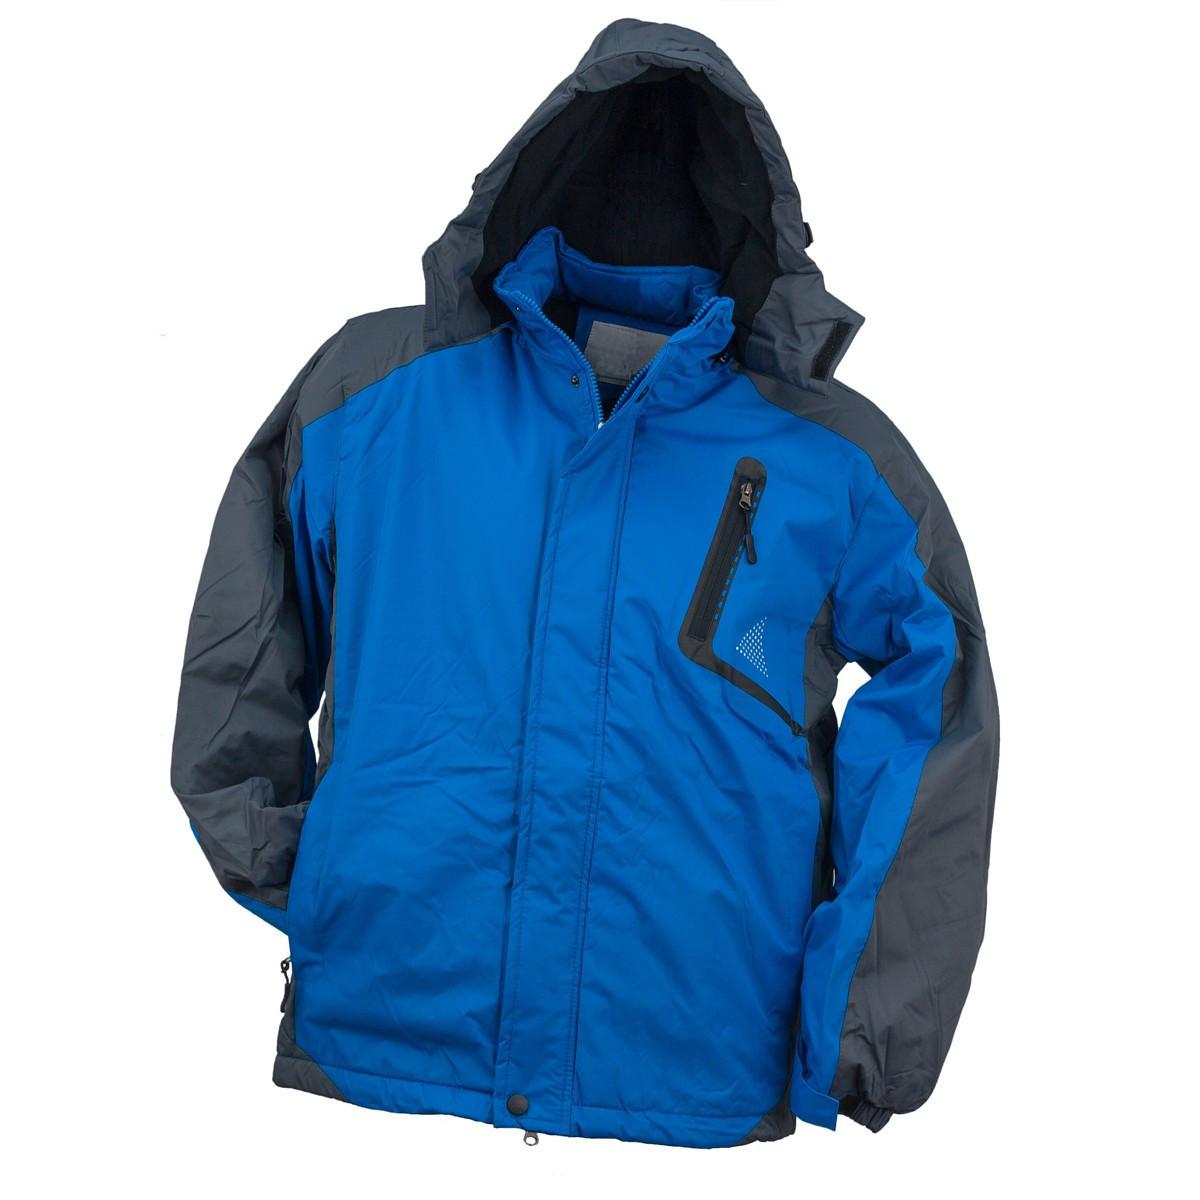 Куртка Y-263 BLUE, выполненная из 100% полиэстера, черно-синего цвета.  Urgent (POLAND)